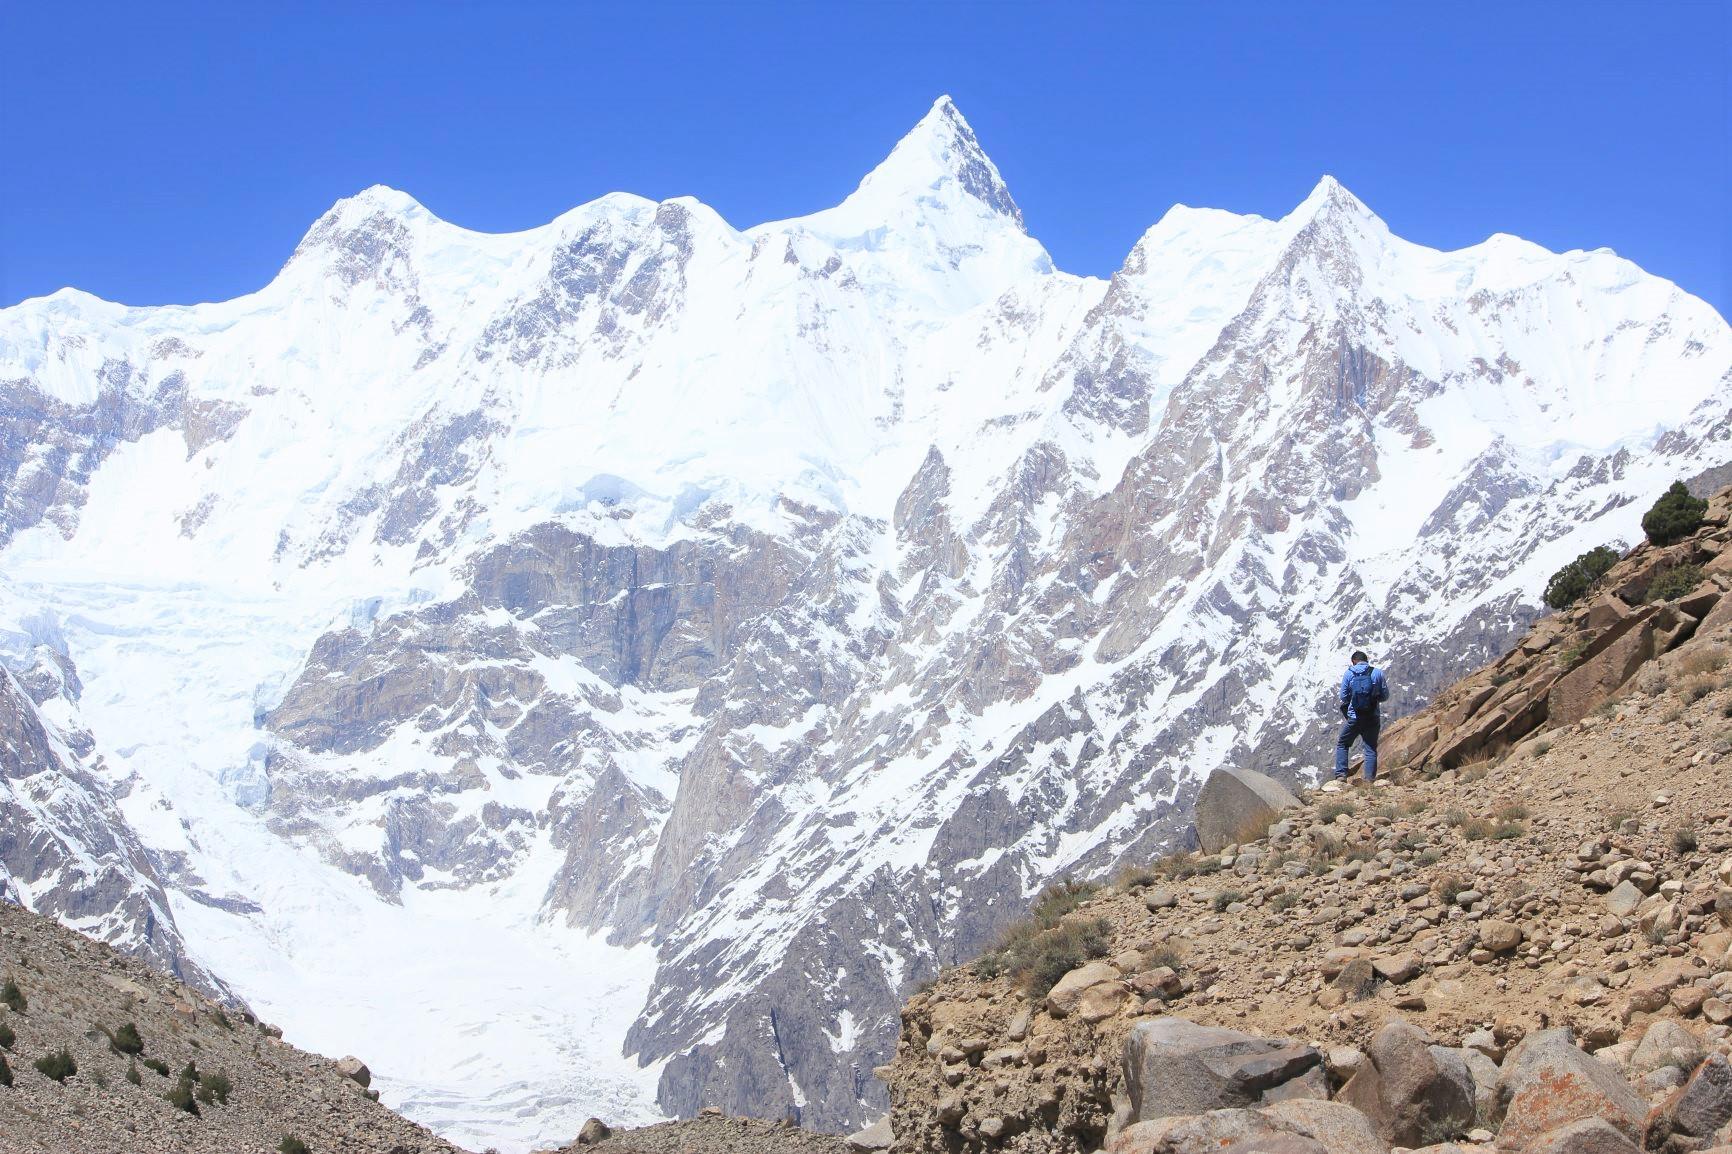 カラコルム山脈・大展望ハイキングとパミール高原国境越え 9日間